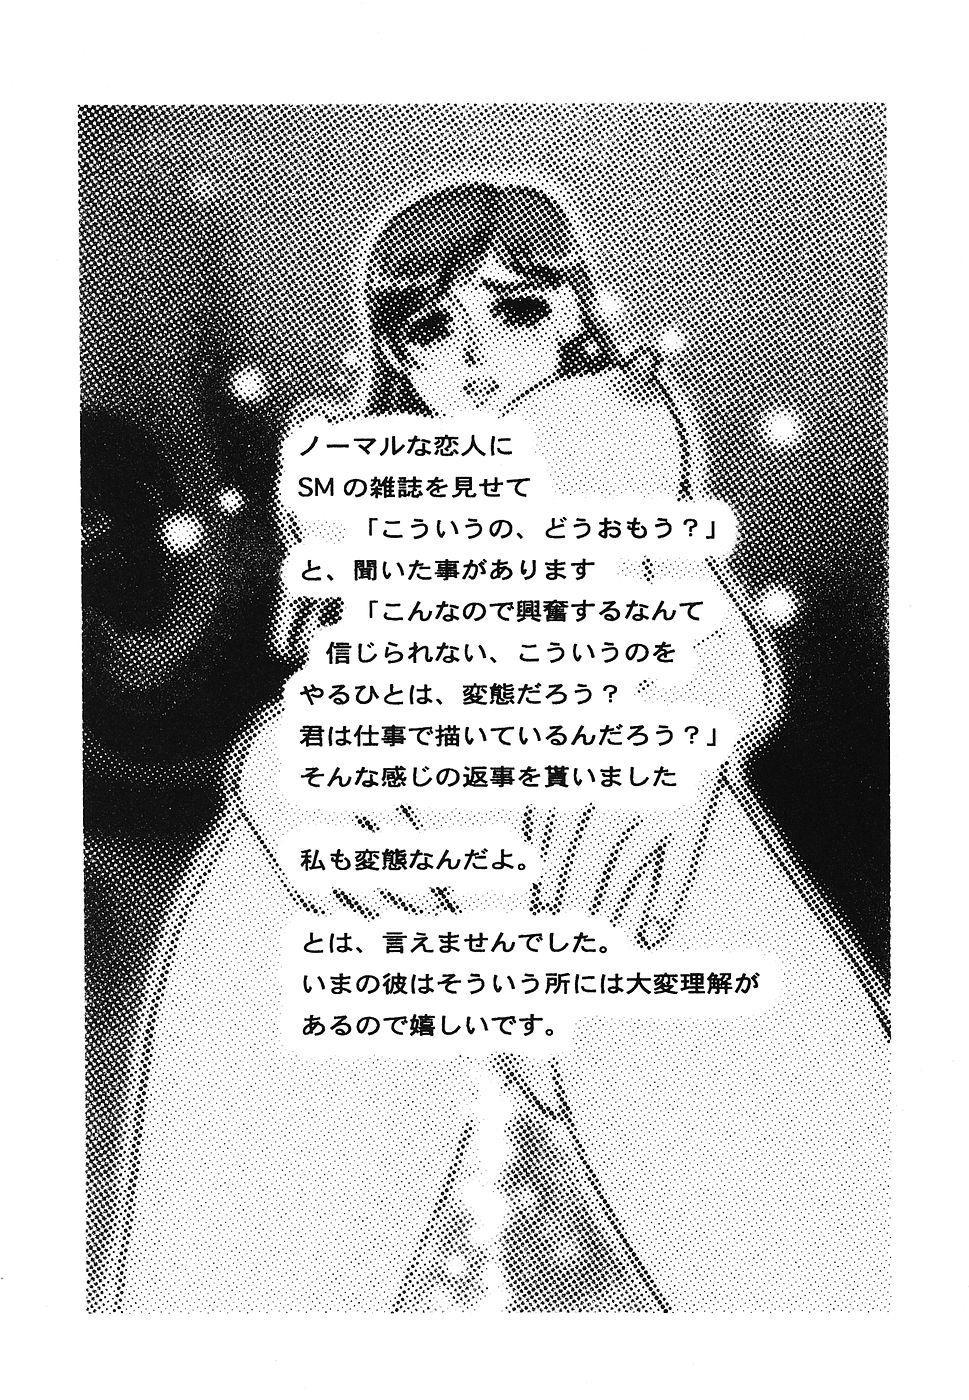 yurushite 97